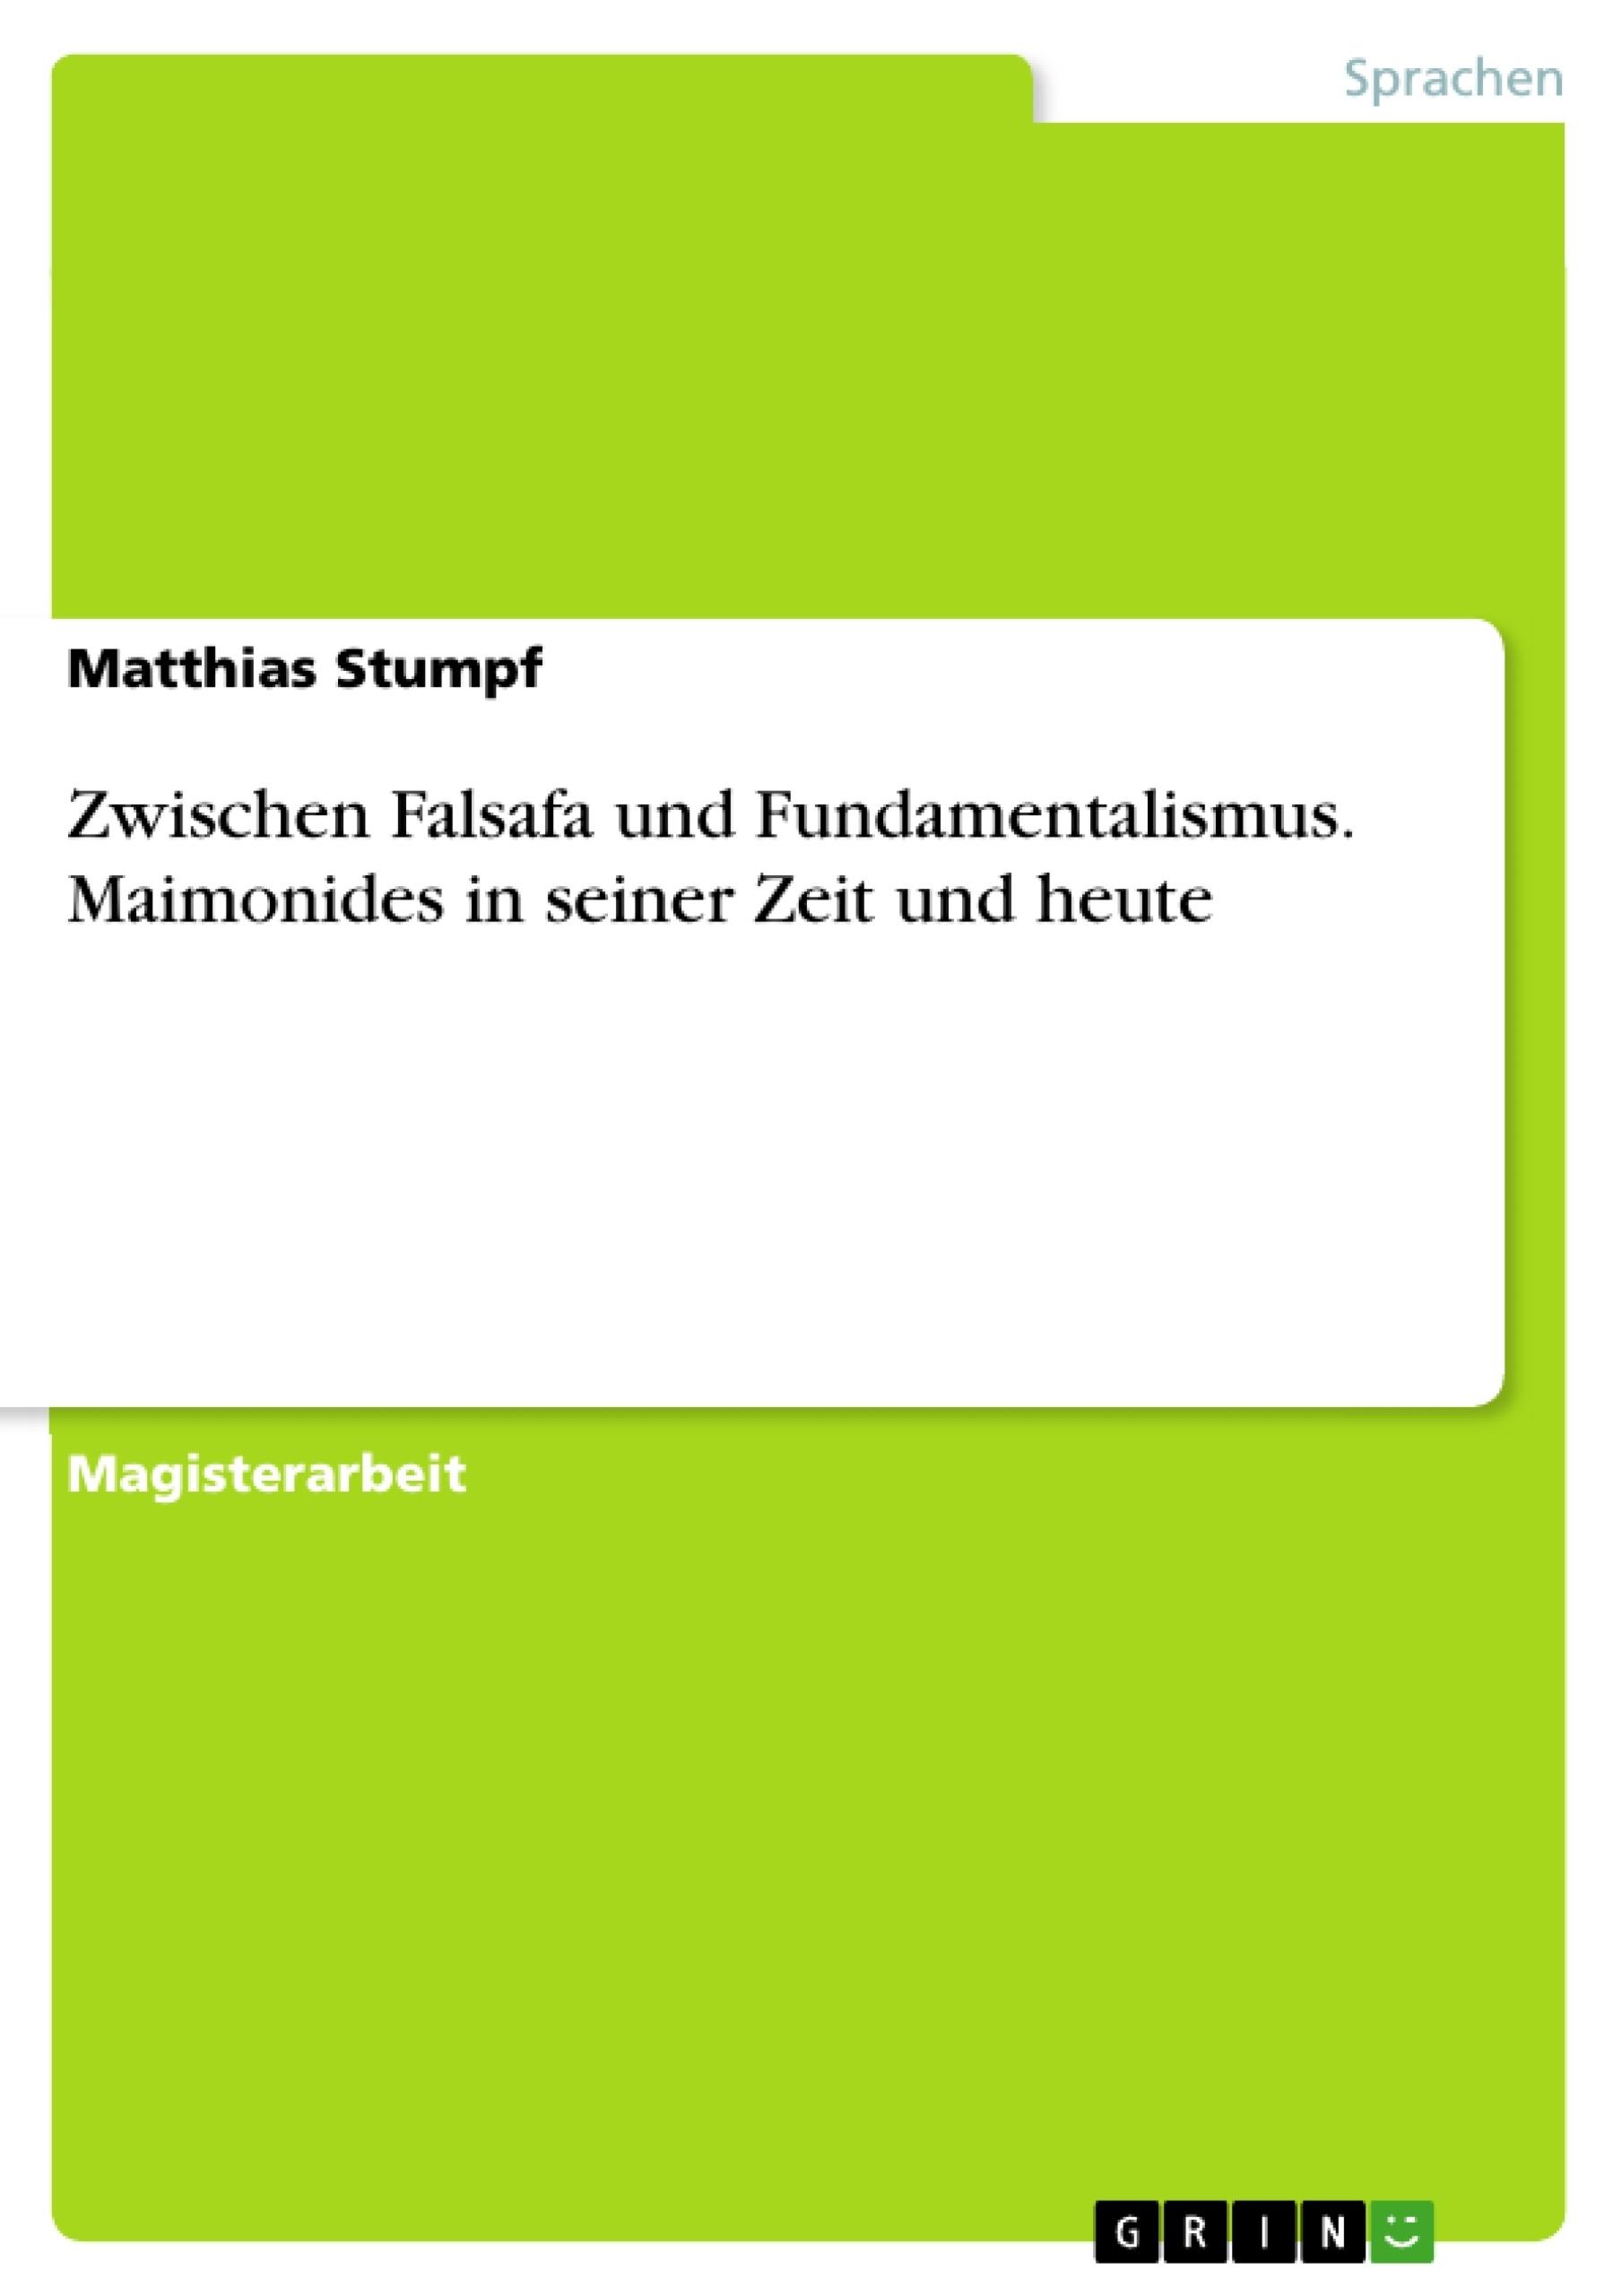 Titel: Zwischen Falsafa und Fundamentalismus. Maimonides in seiner Zeit und heute